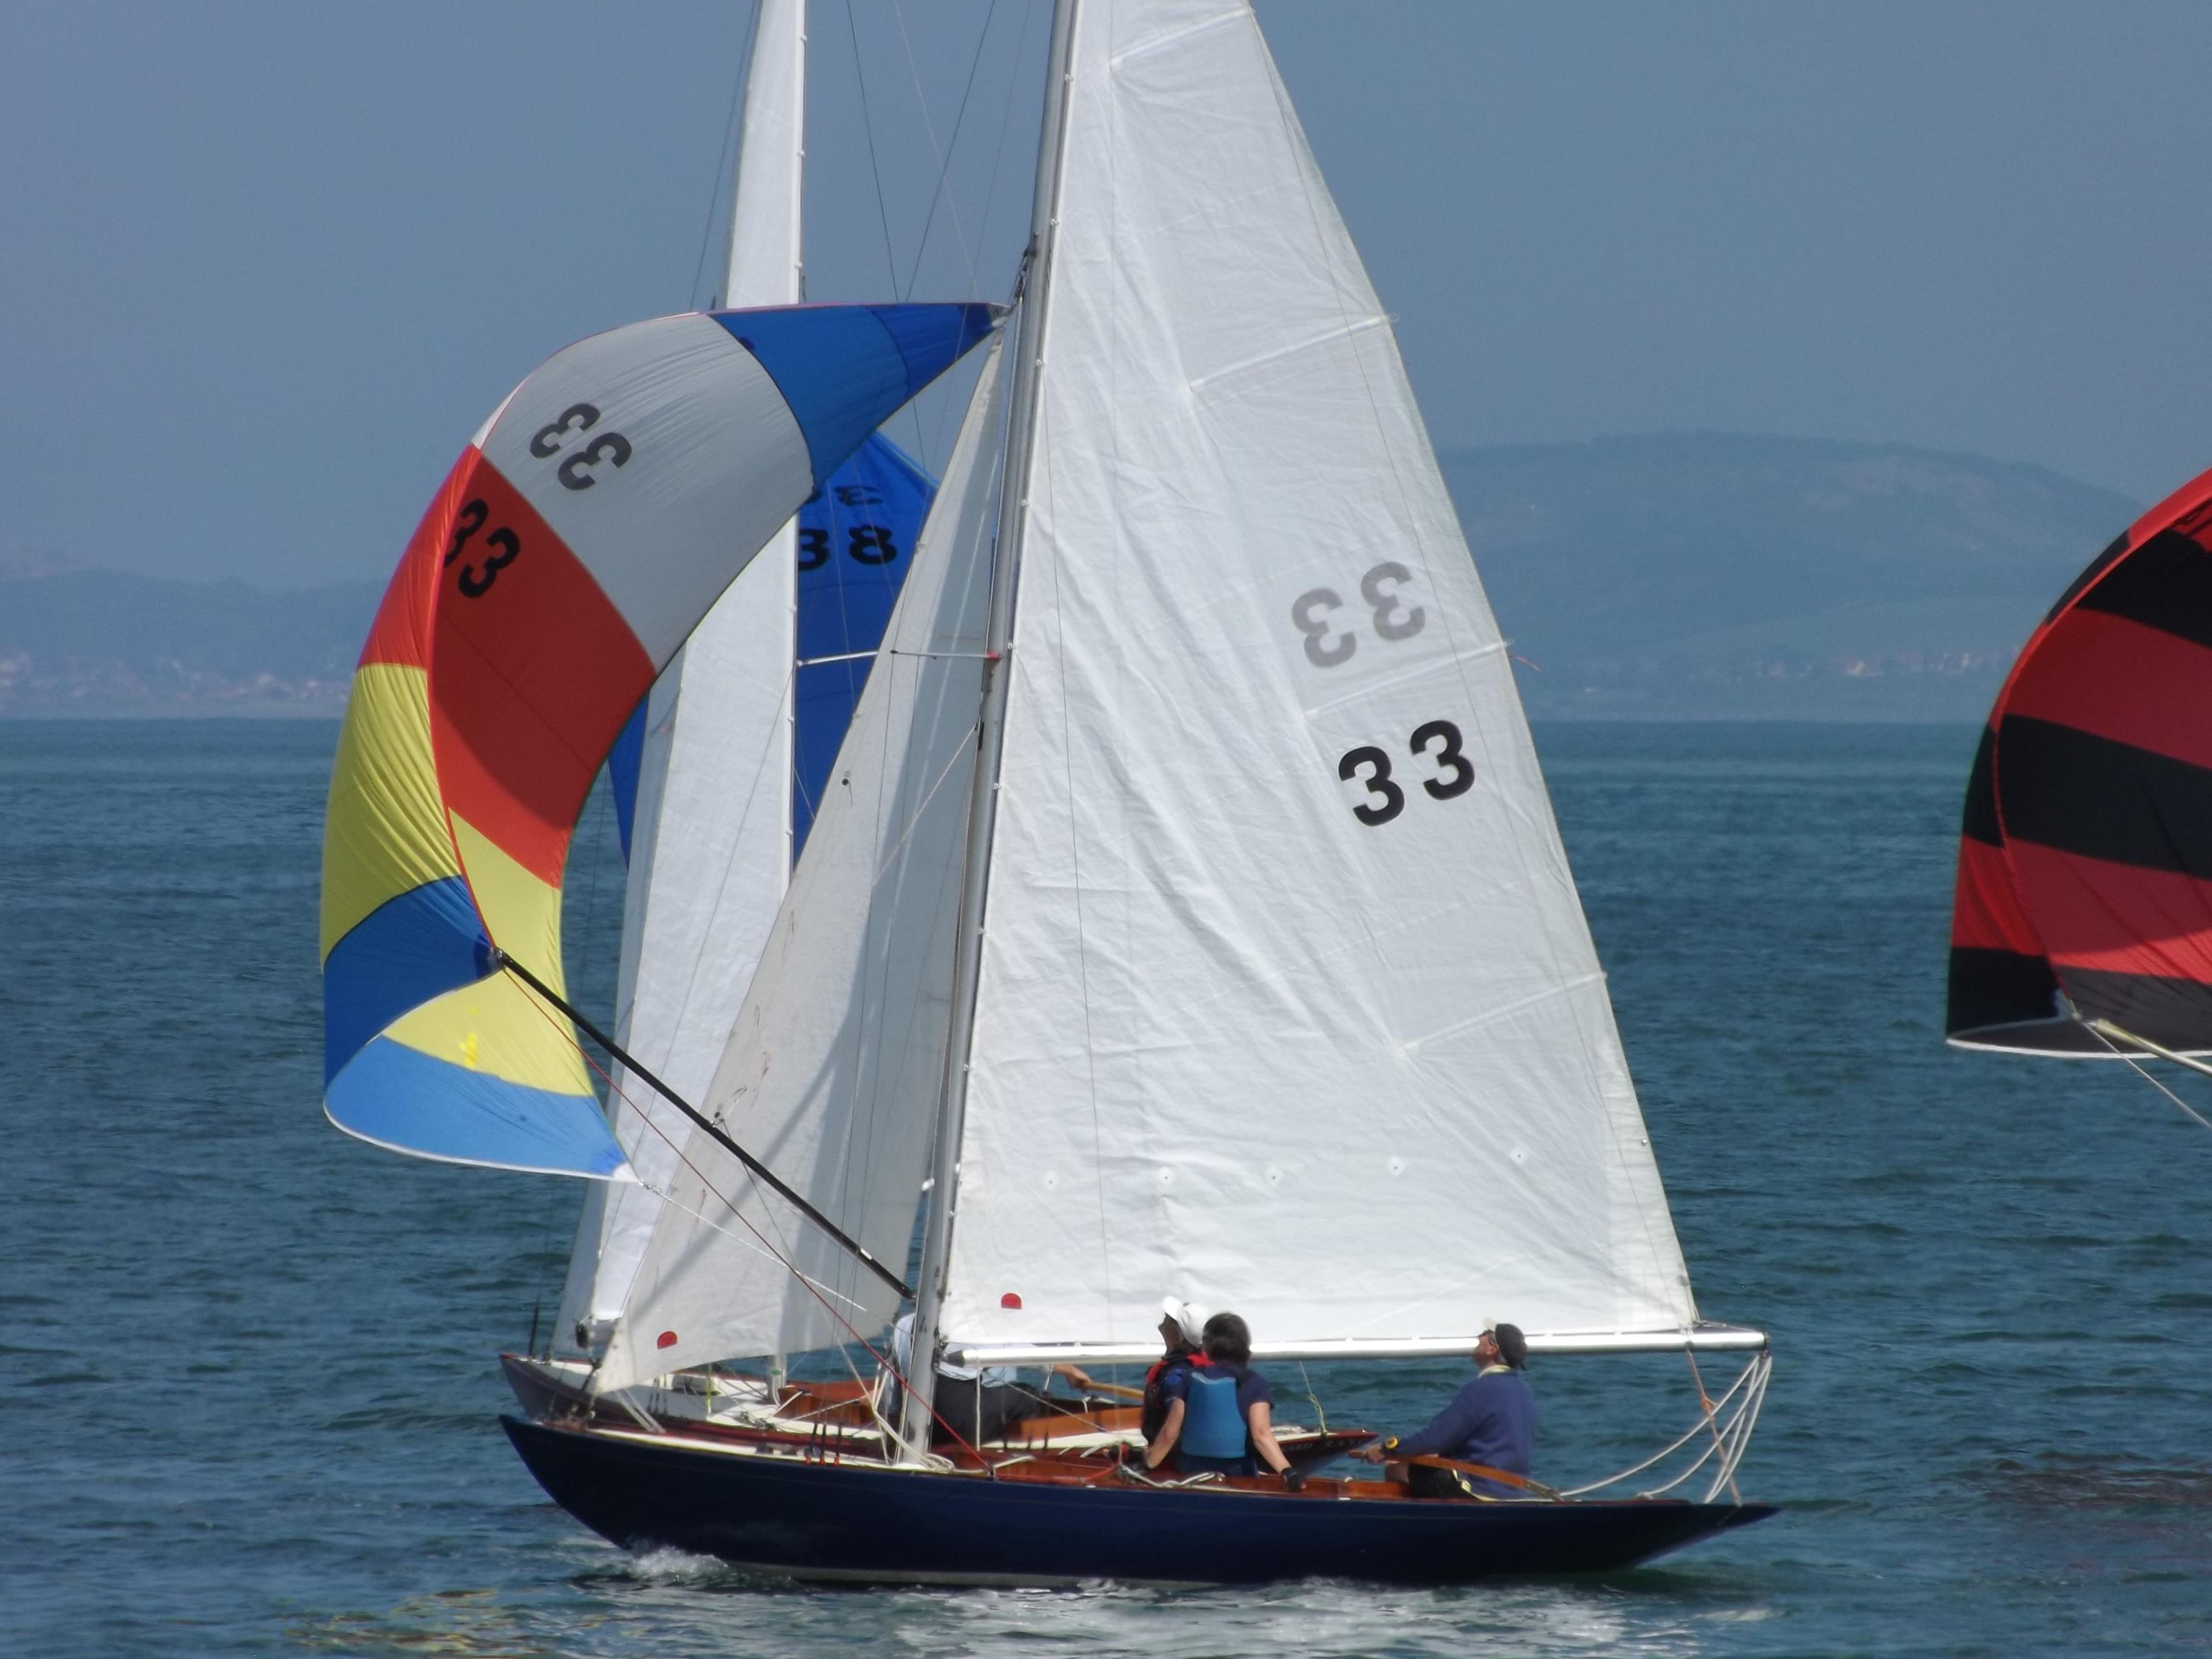 DSCF2923